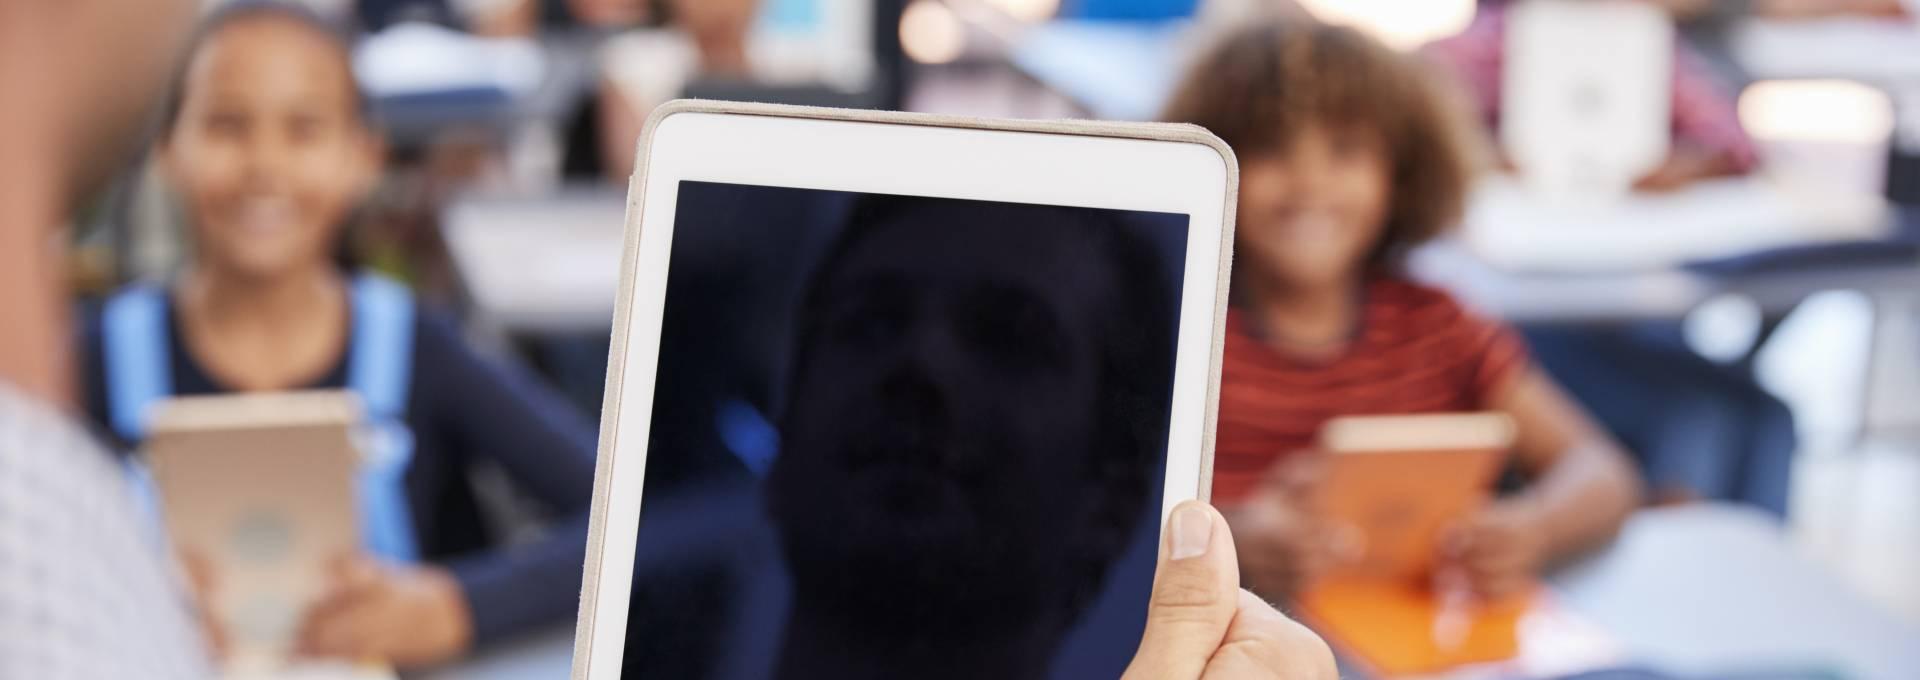 Für die Umsetzung des Lehrplan 21 bringt ein iPad im Klassenzimmer Vorteile für Schüler und Lehrer.